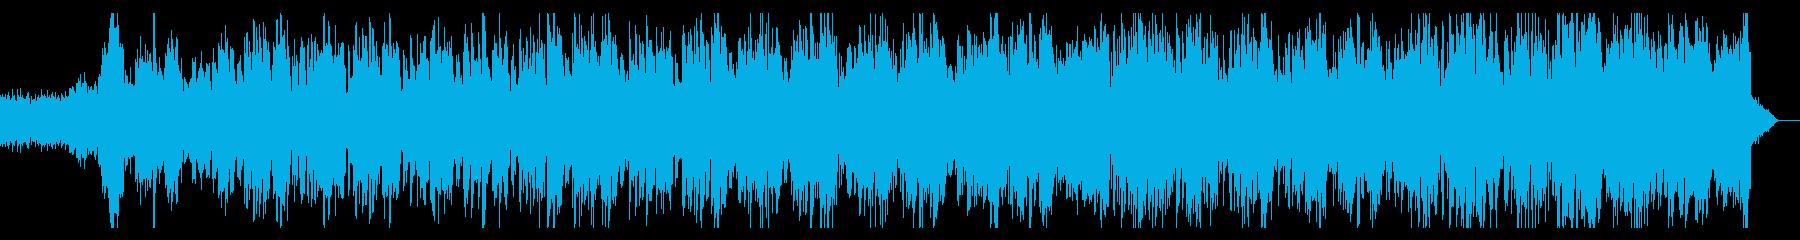 ベースのうねったリズムのダークなテイストの再生済みの波形